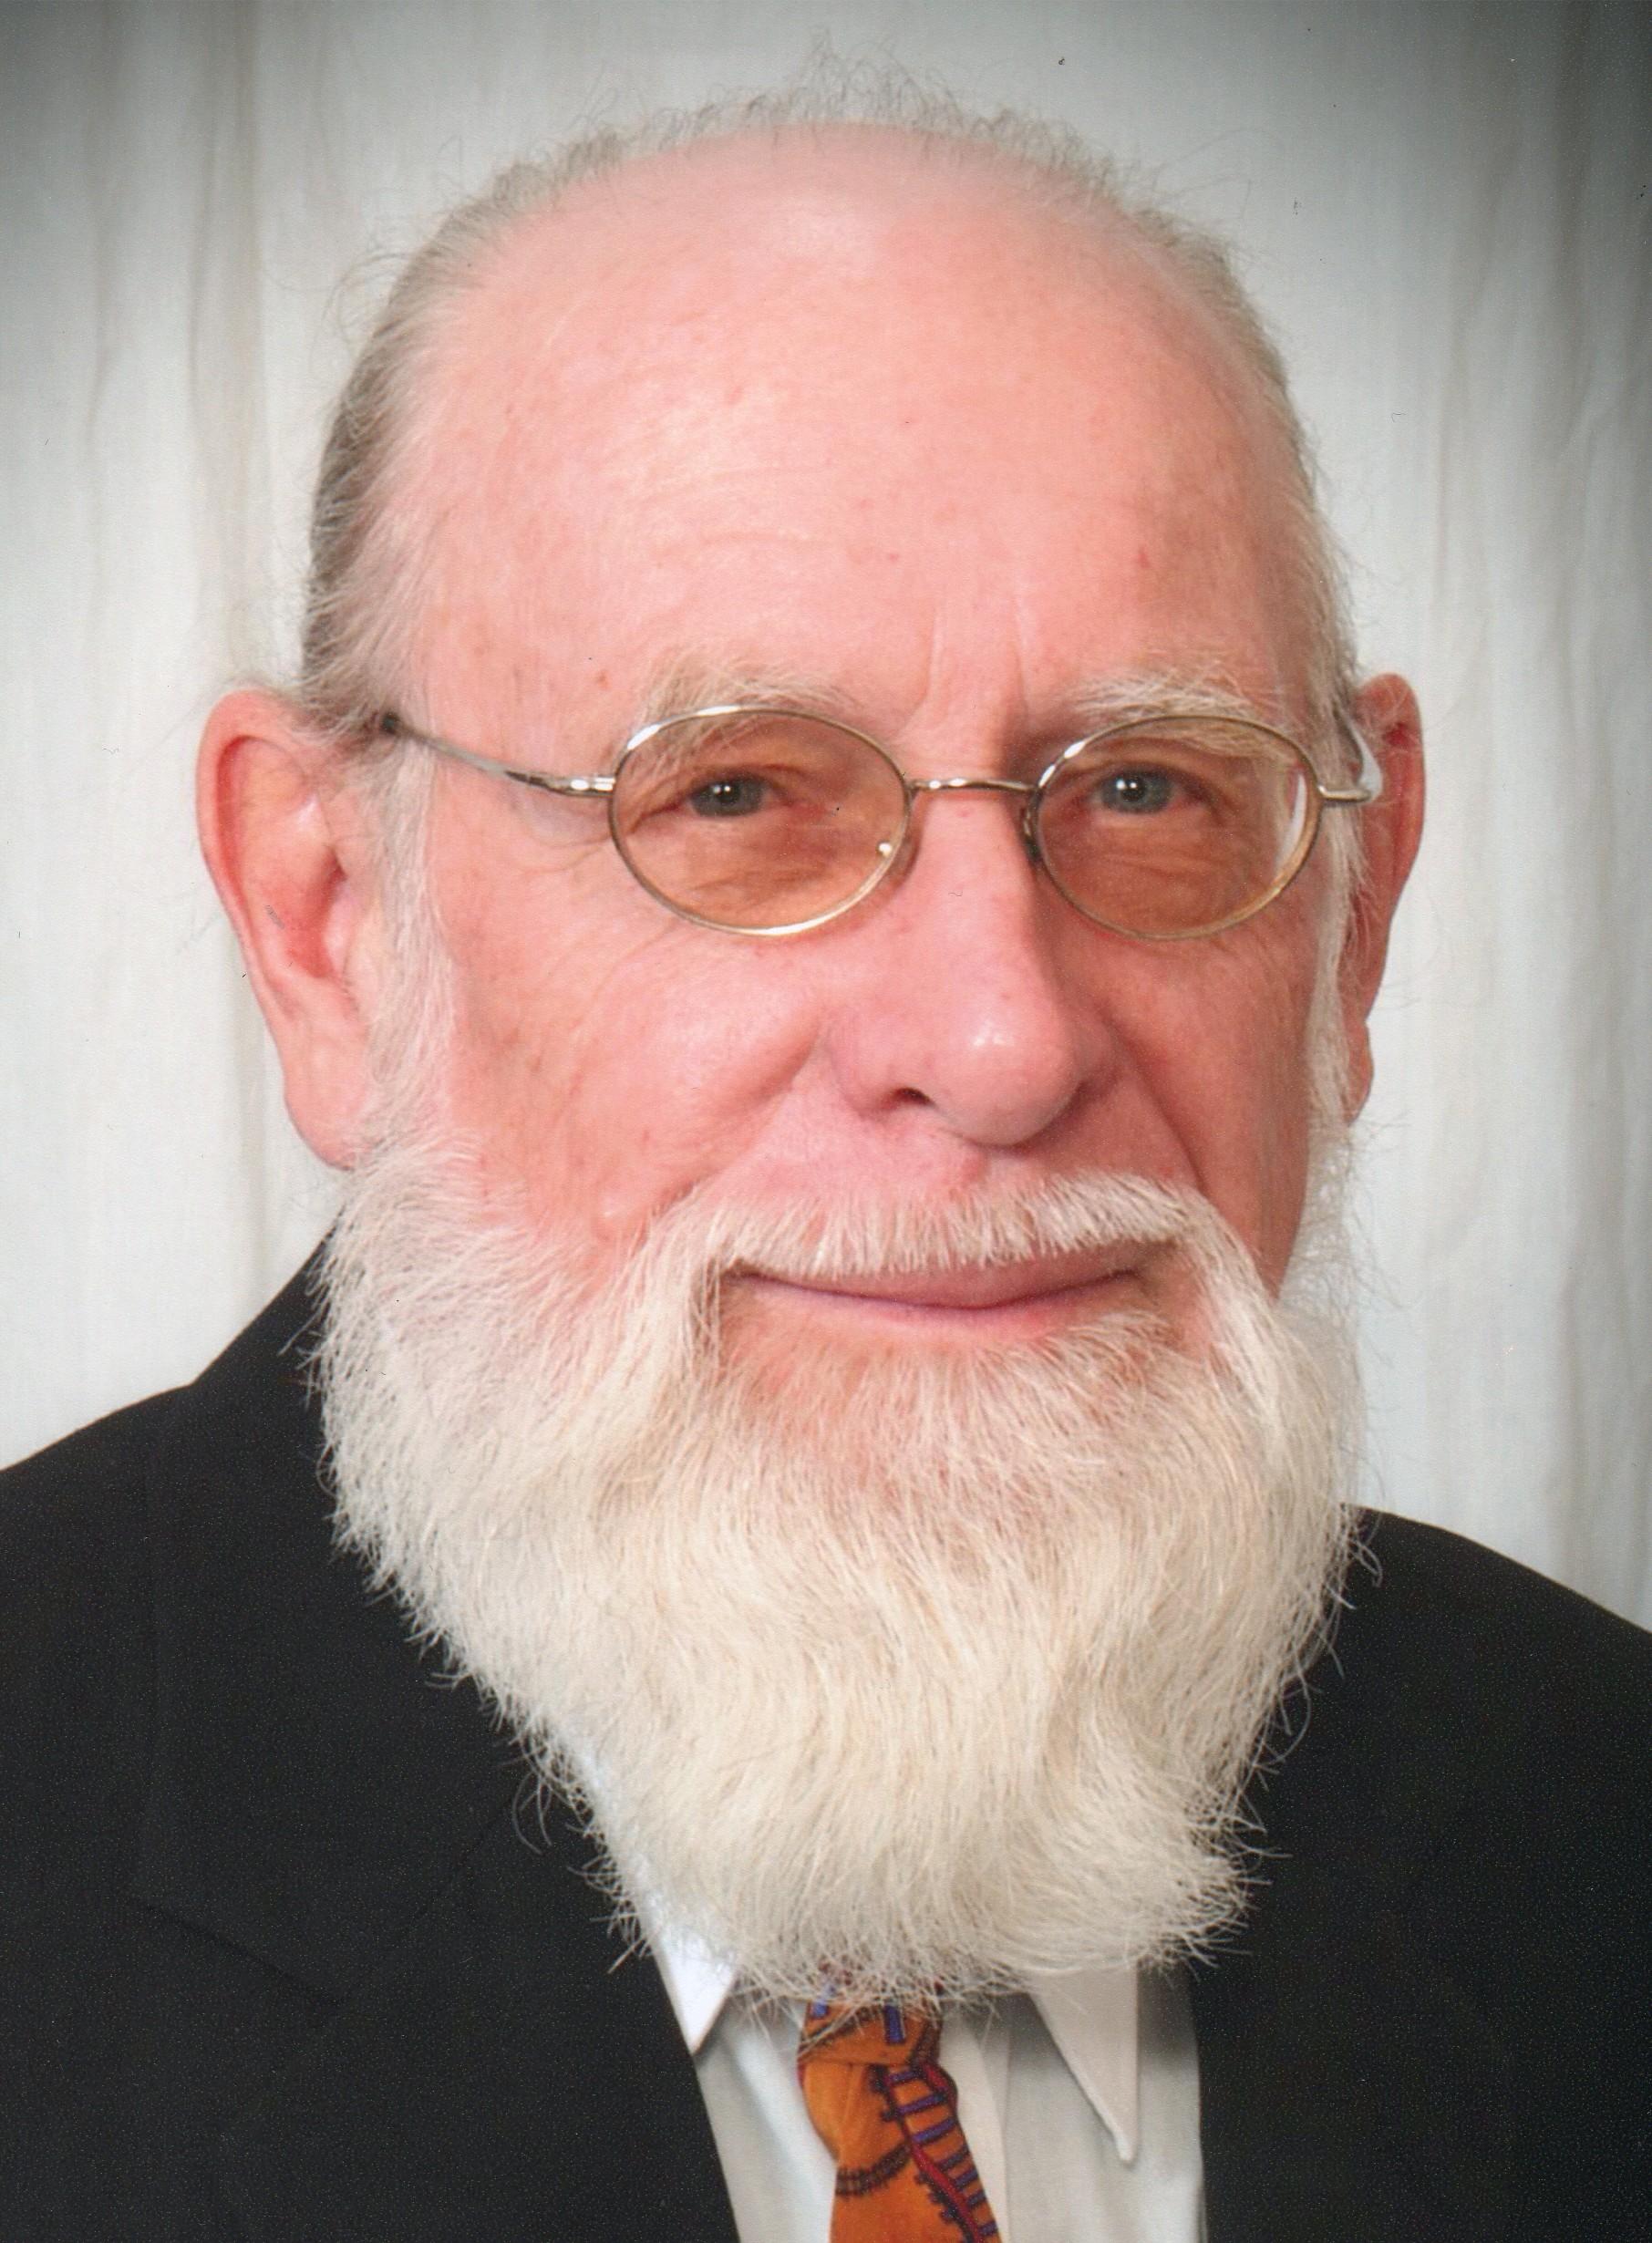 Paul Proksh